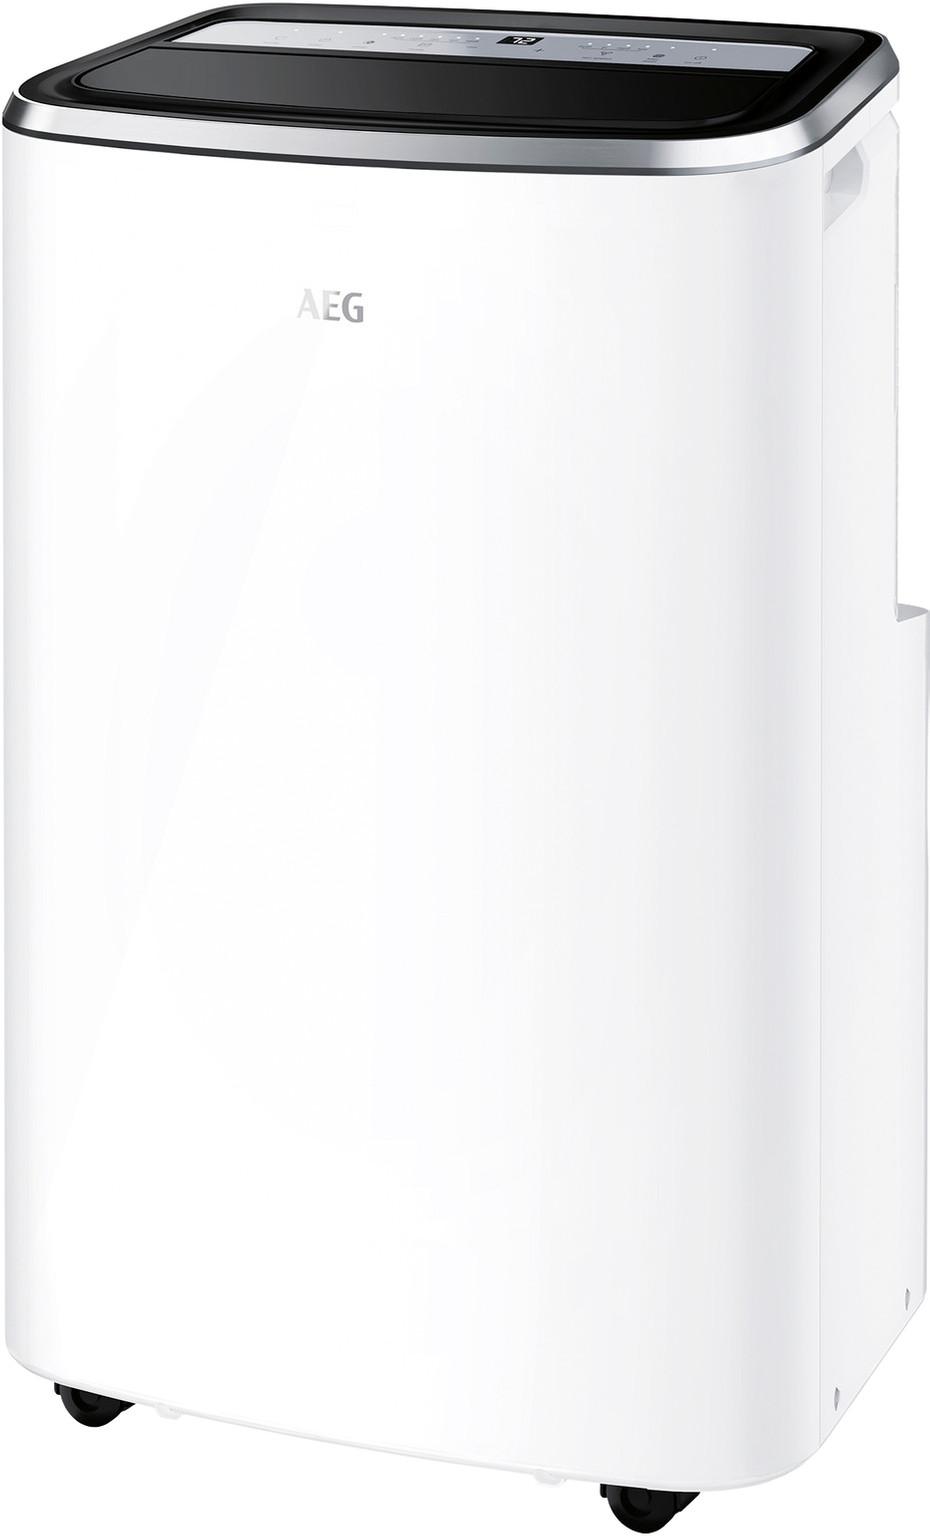 Mobiele airco AEG AXP26U338BW